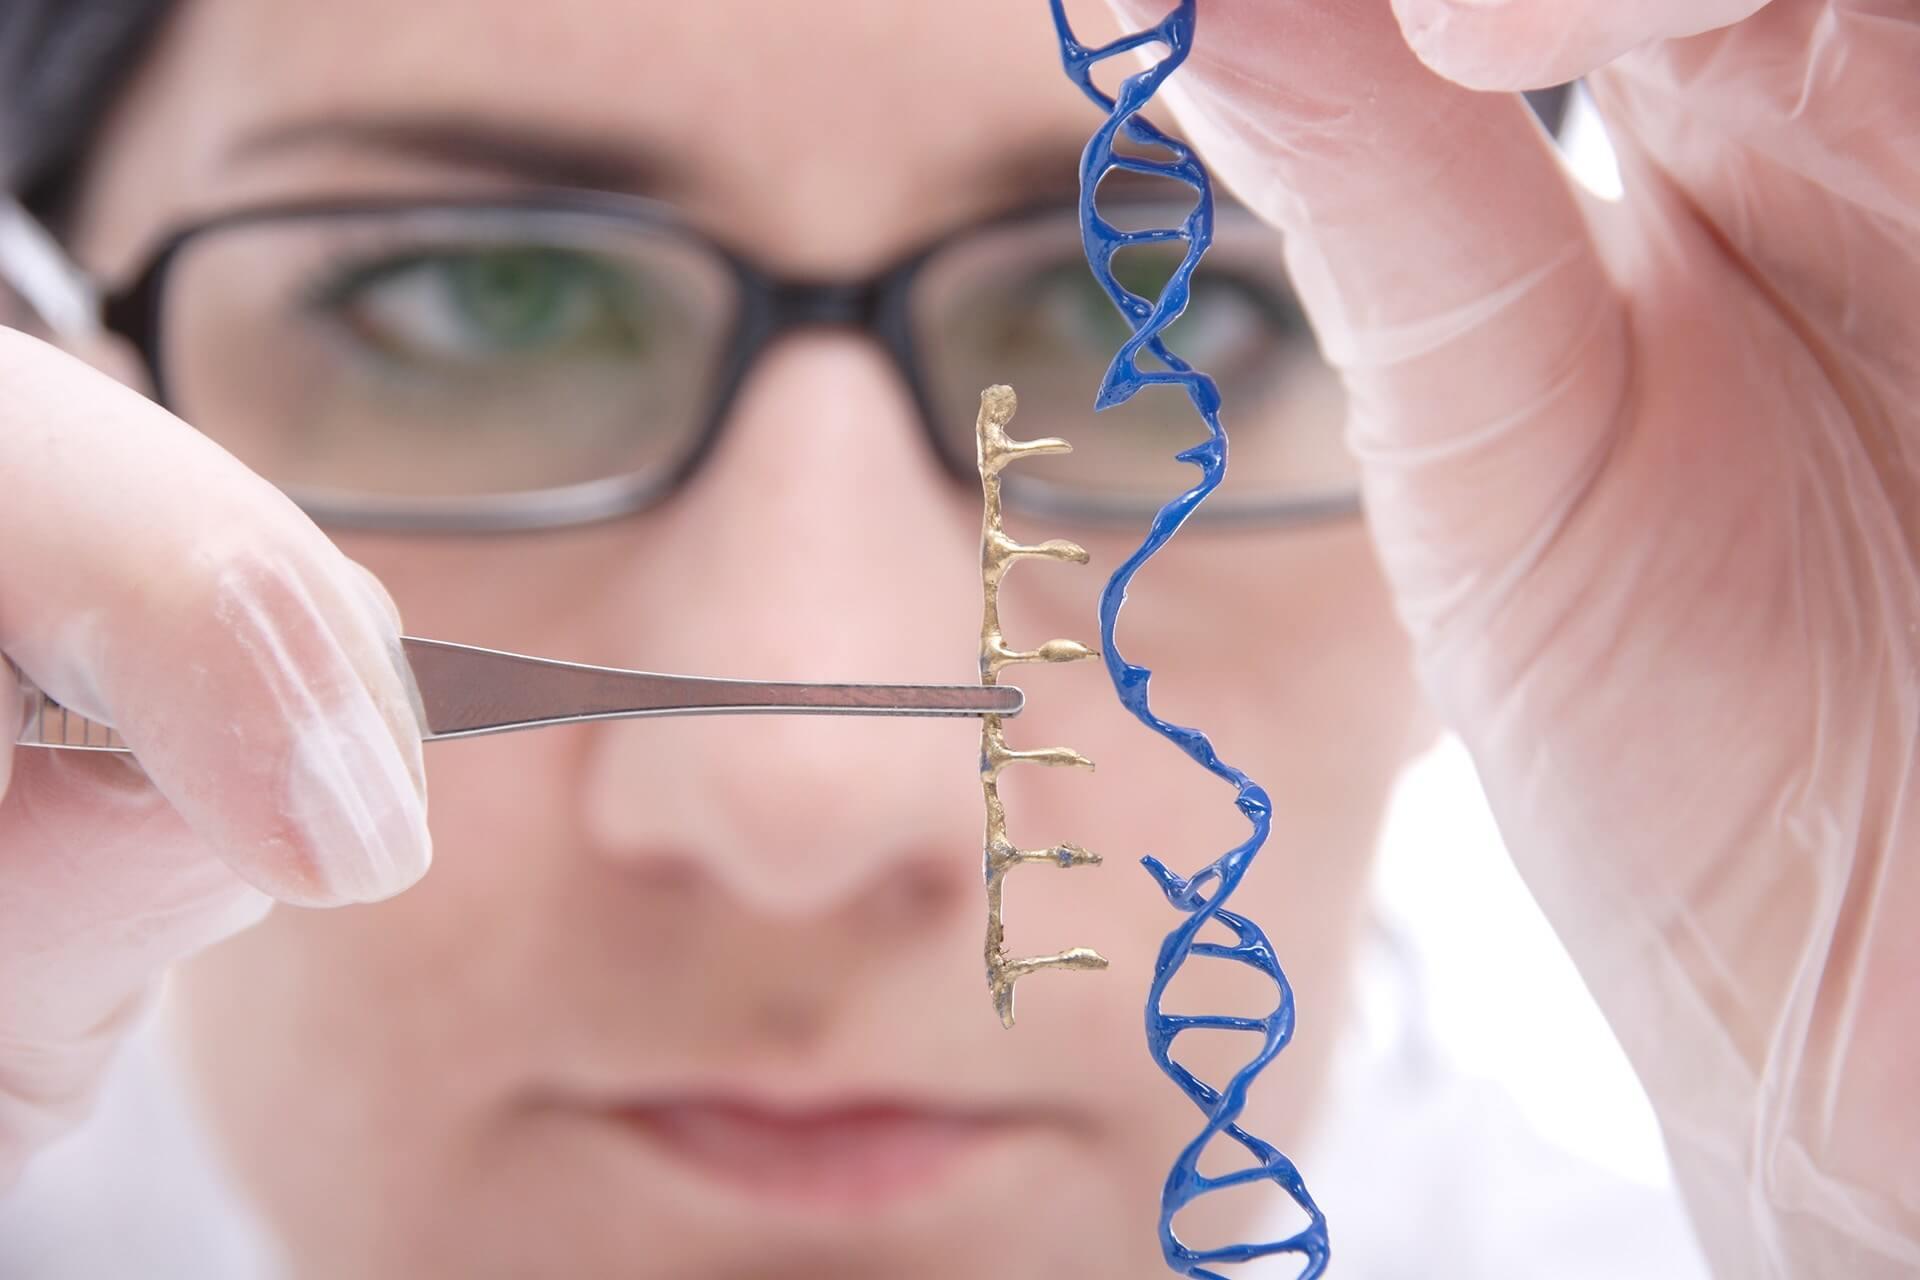 A CRISPR revolucionou a edição do DNA – o problema é que não estamos preparados para as consequências